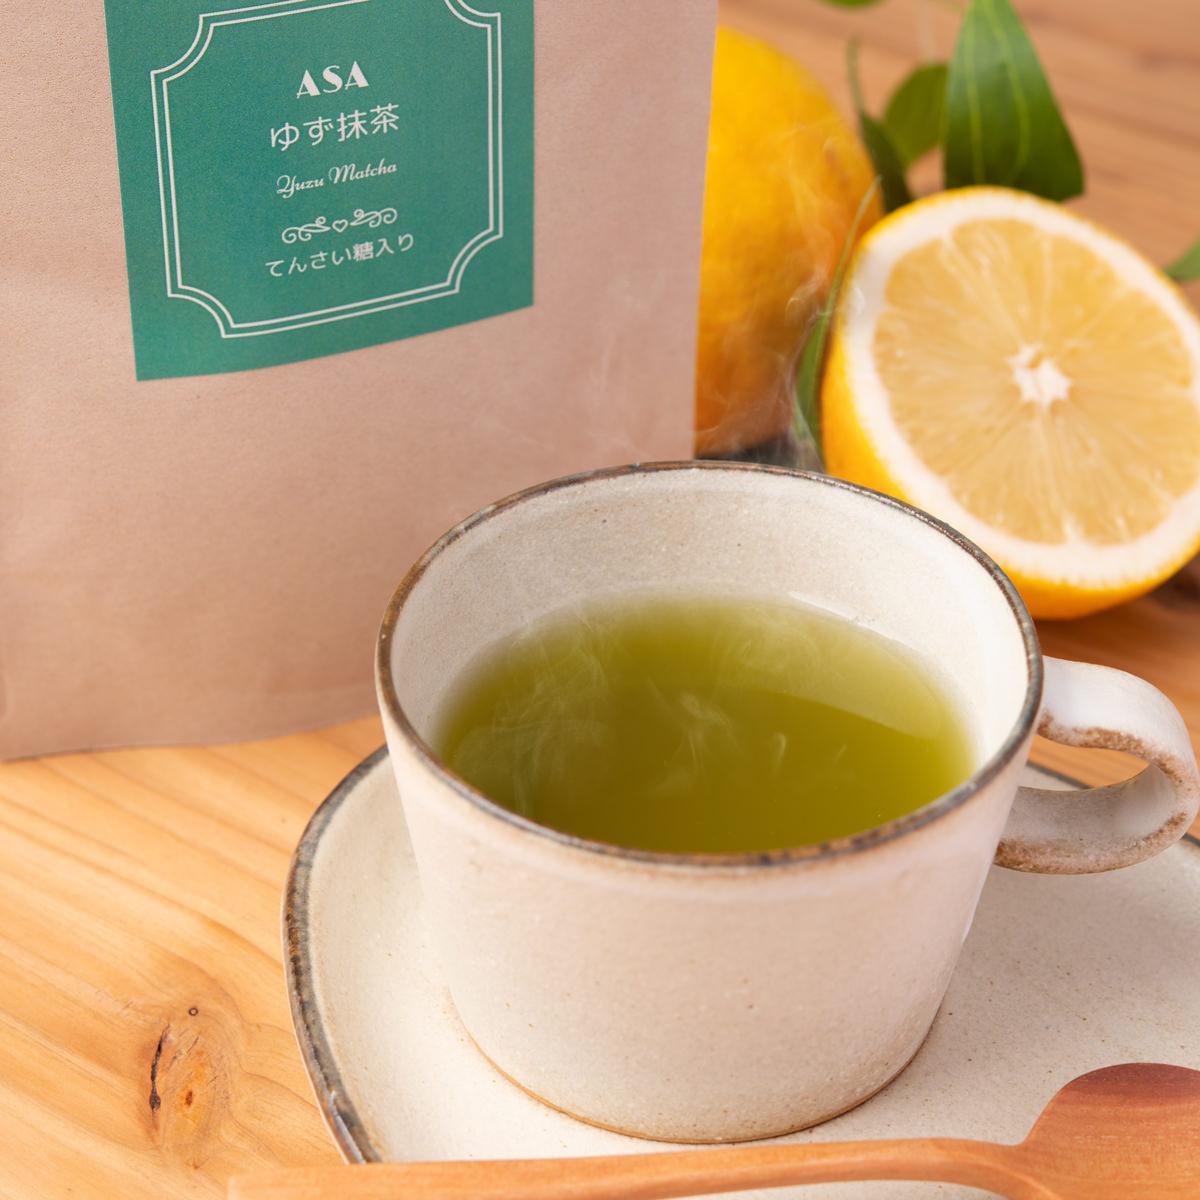 ゆず抹茶 3袋〔100g×3〕 北海道土産 てんさい糖入り お茶 ASA